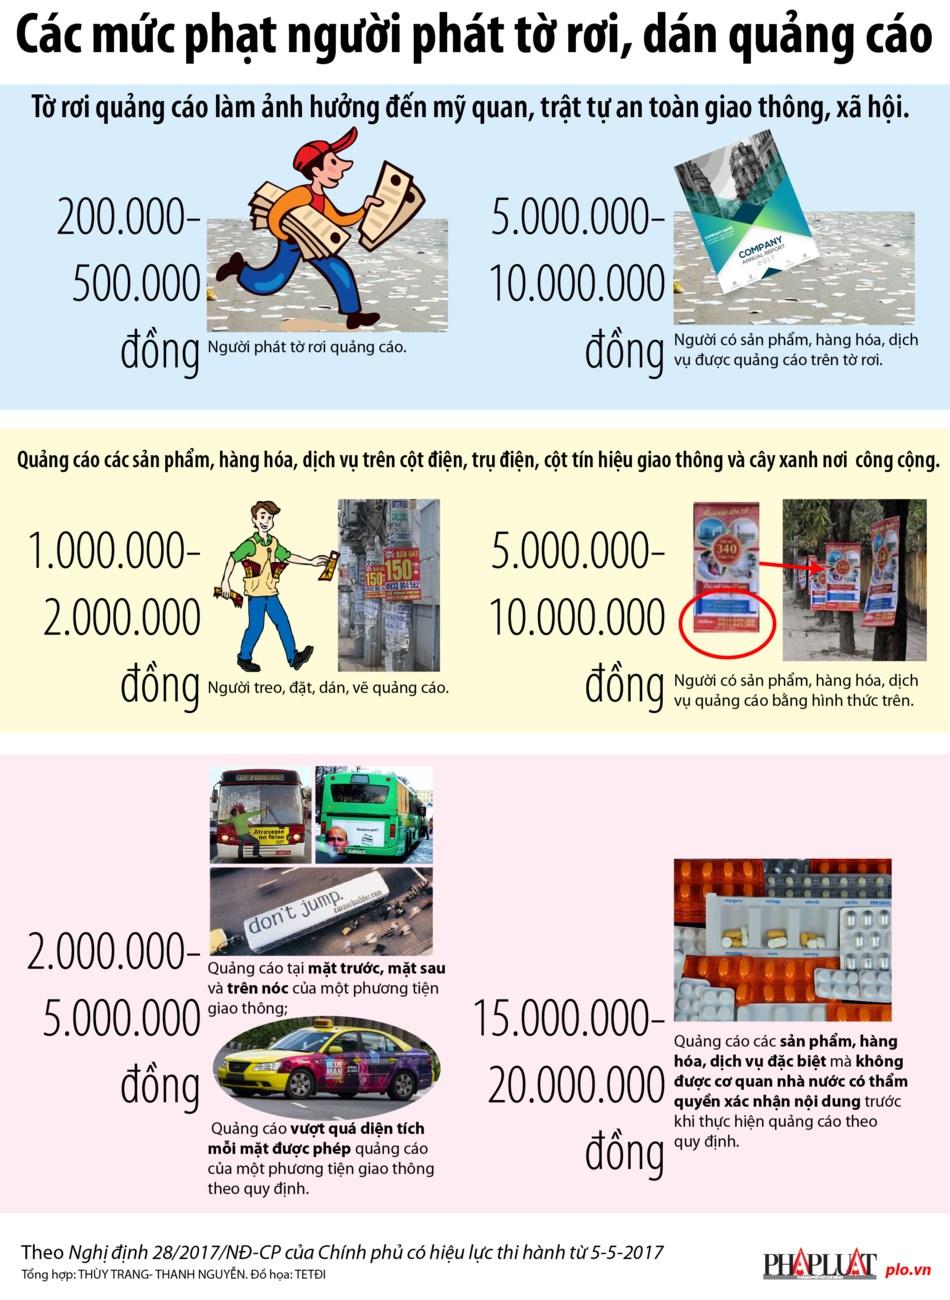 Phát tờ rơi, dán quảng cáo có thể bị phạt tới 10 triệu đồng - 1